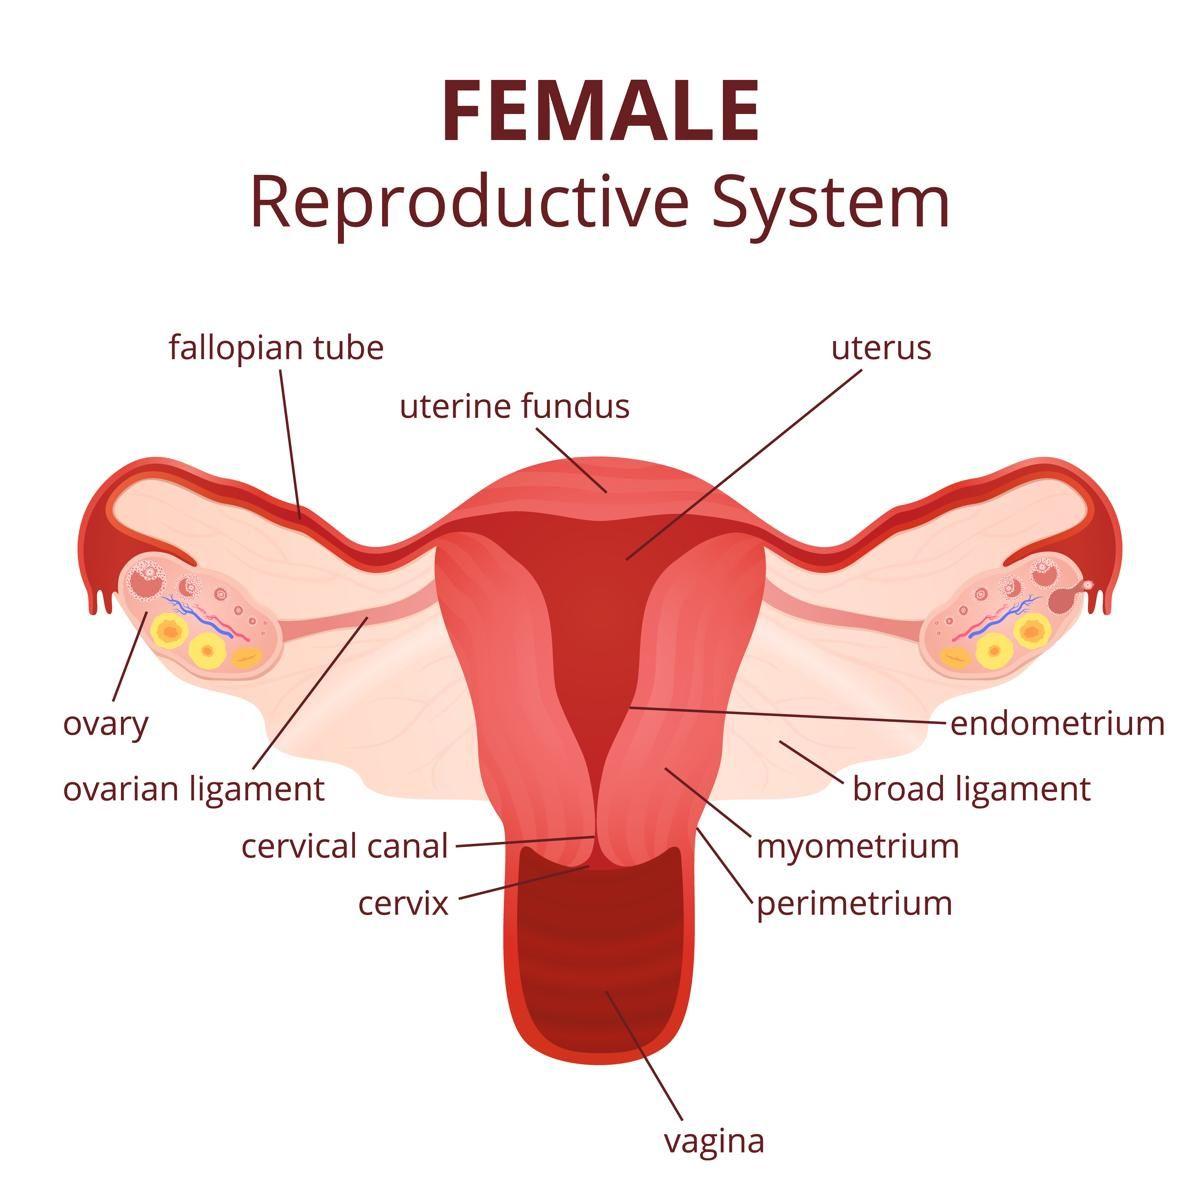 diagram of uterus and fallopian tubes diagram of uterus and fallopian tubes labeled diagram of [ 1200 x 1200 Pixel ]